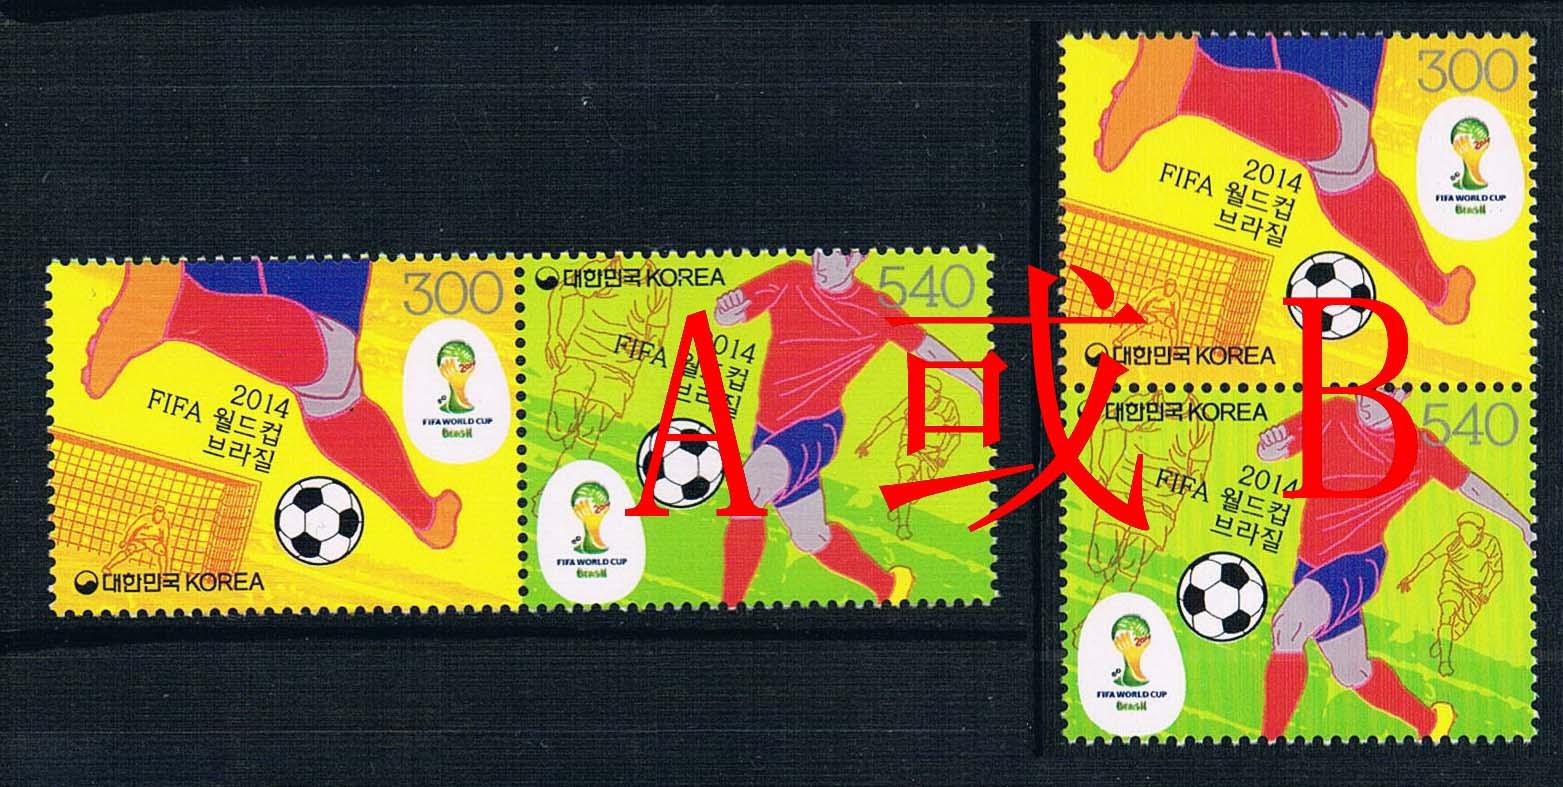 KR1275 Korea 2014 Brazil World Cup stamps 2 new 2 format random 0818 brazil football fans caxirola cheer horn for 2014 brazil fifa world cup